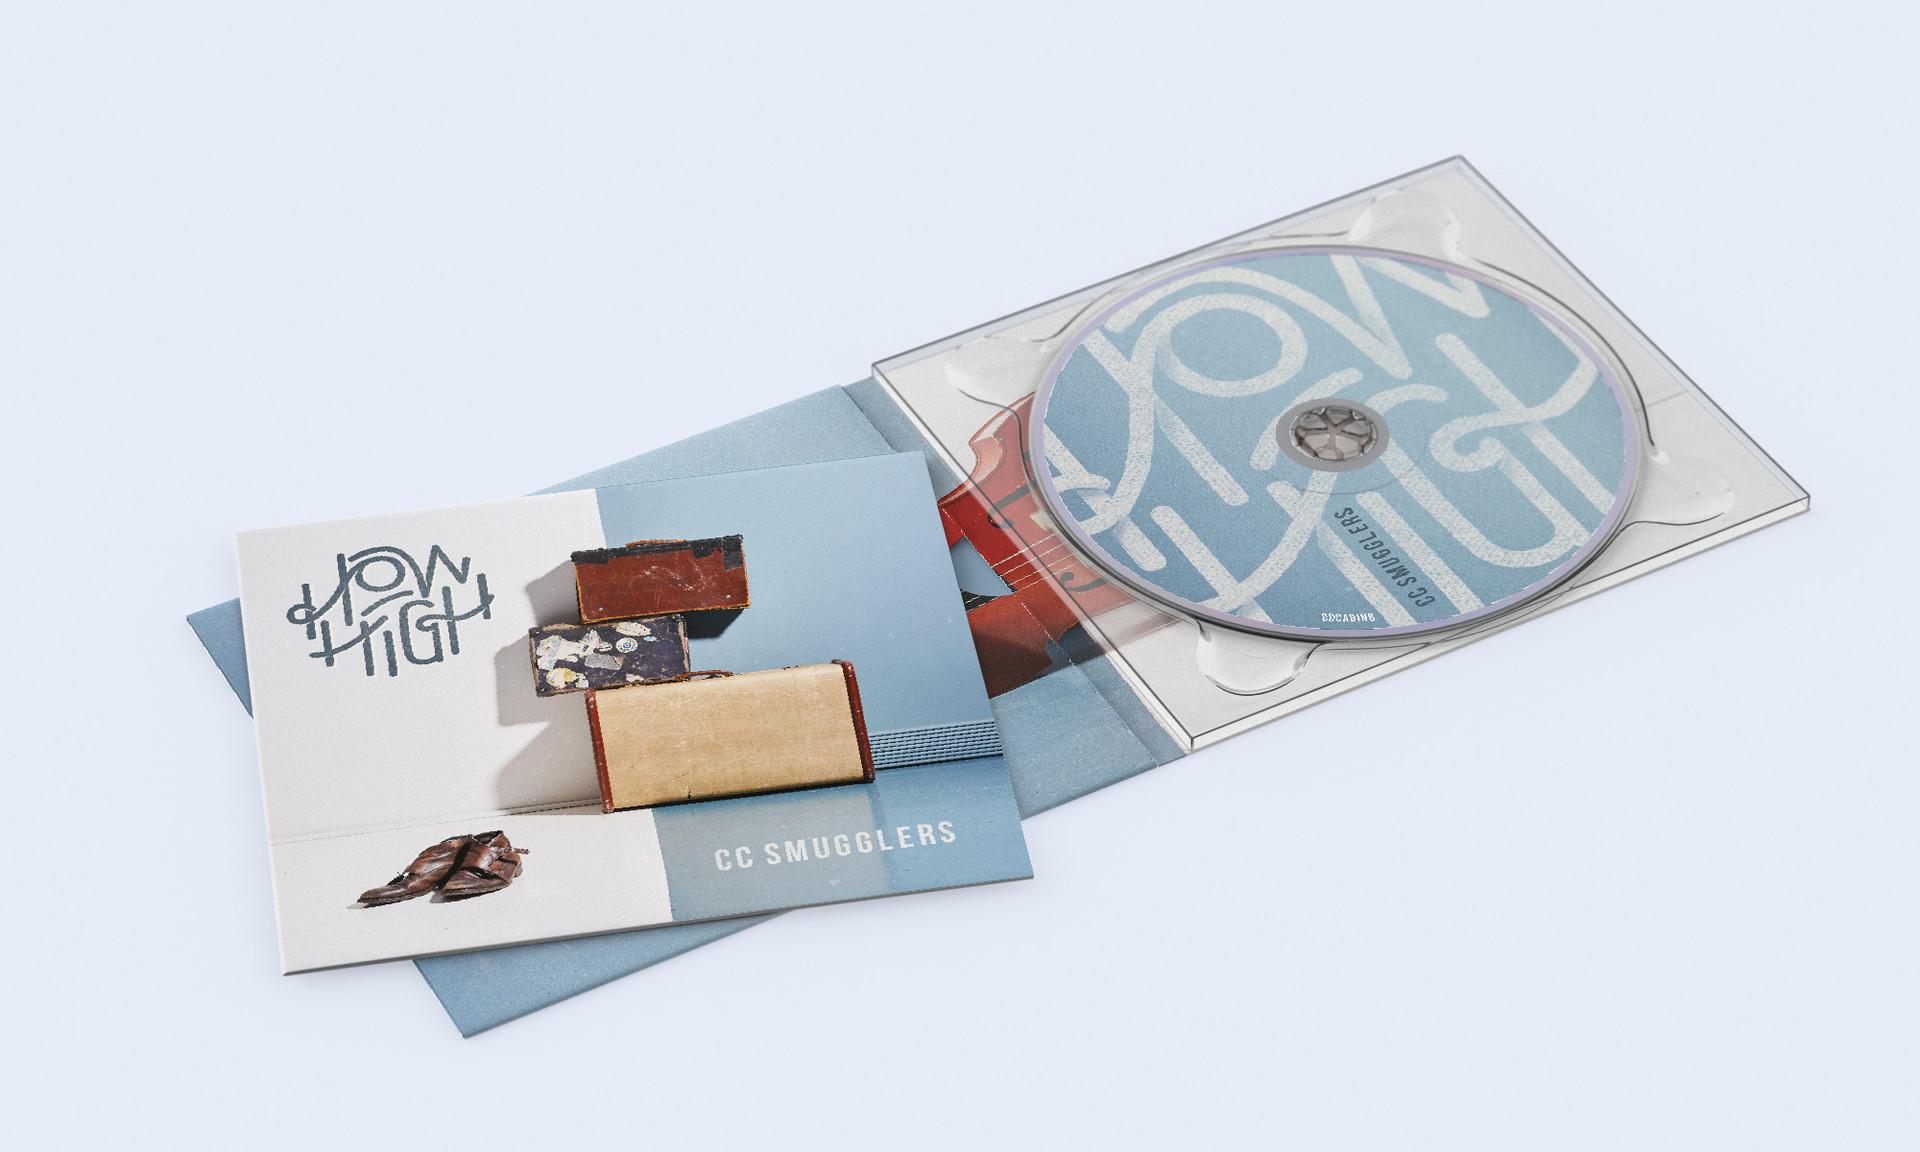 CC CD.jpg